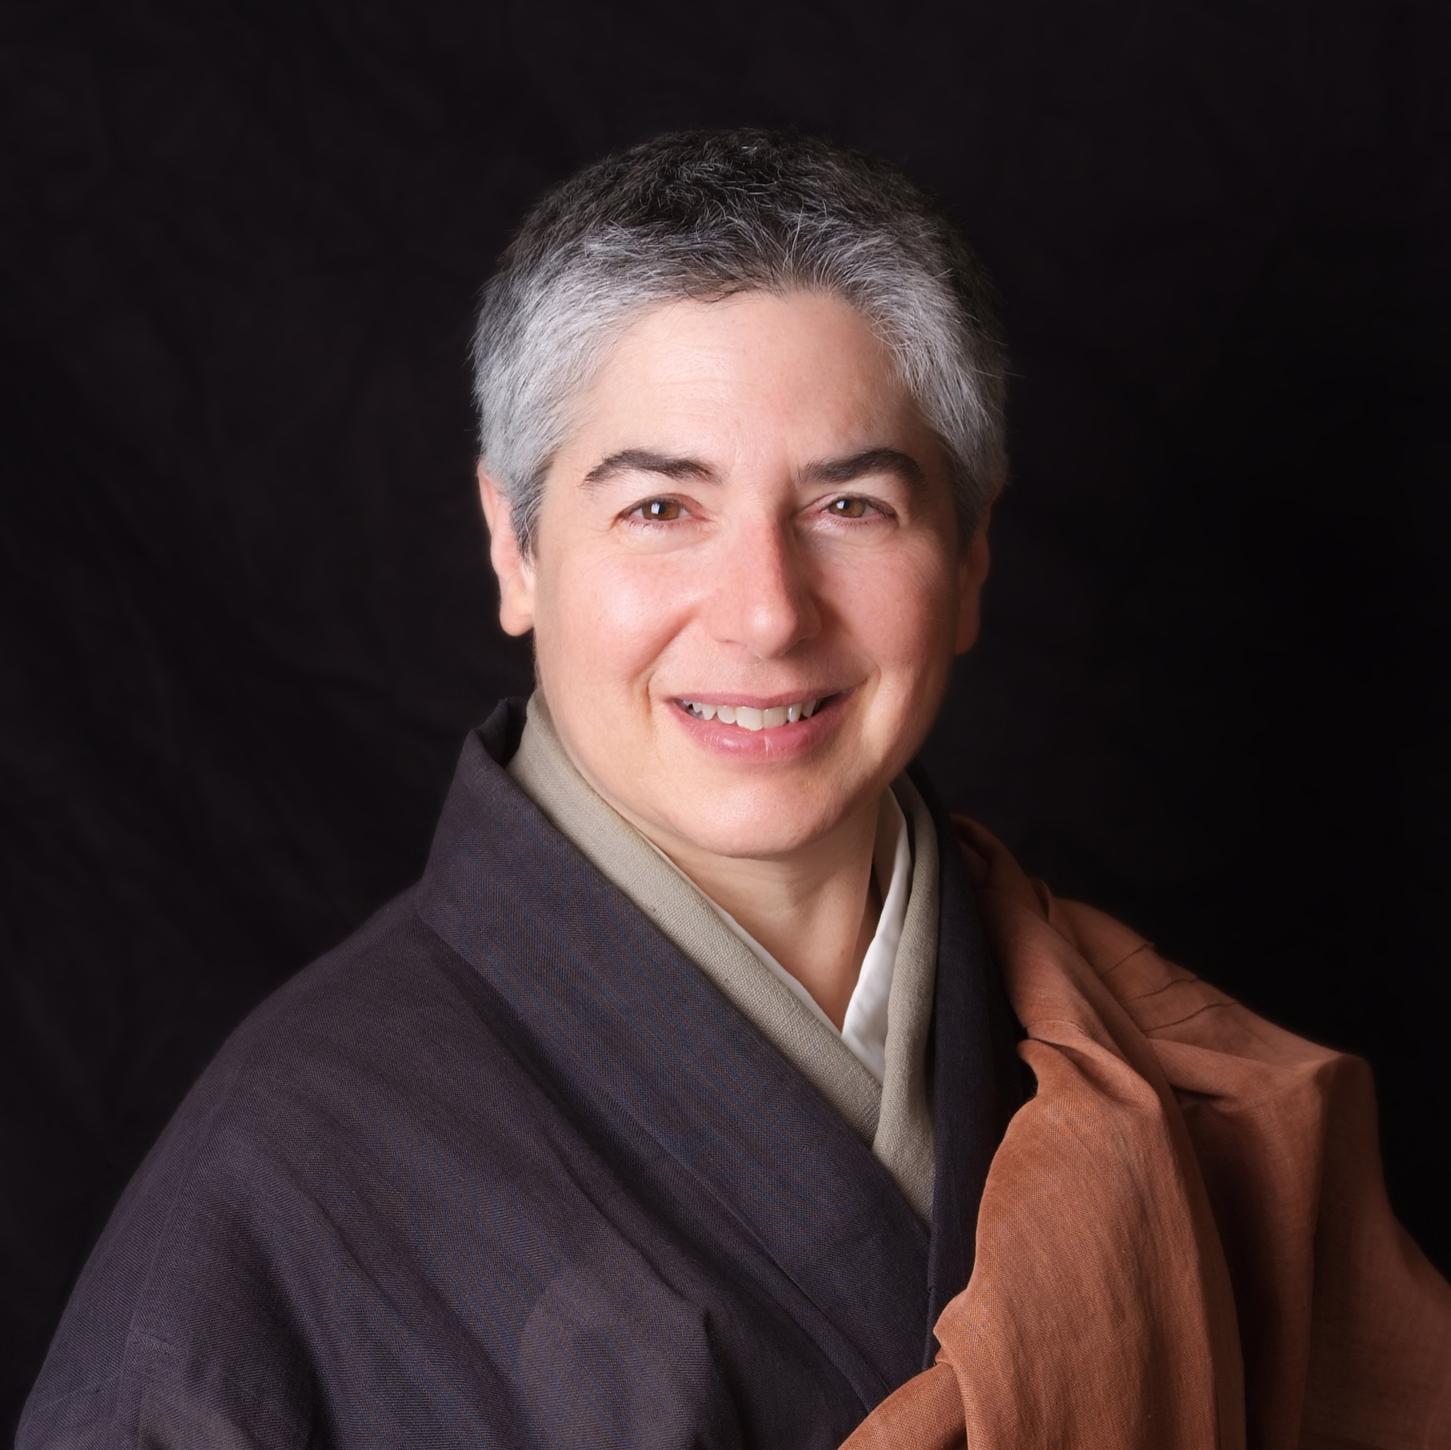 Austin victoria johanneshof zazen zen dharma sangha